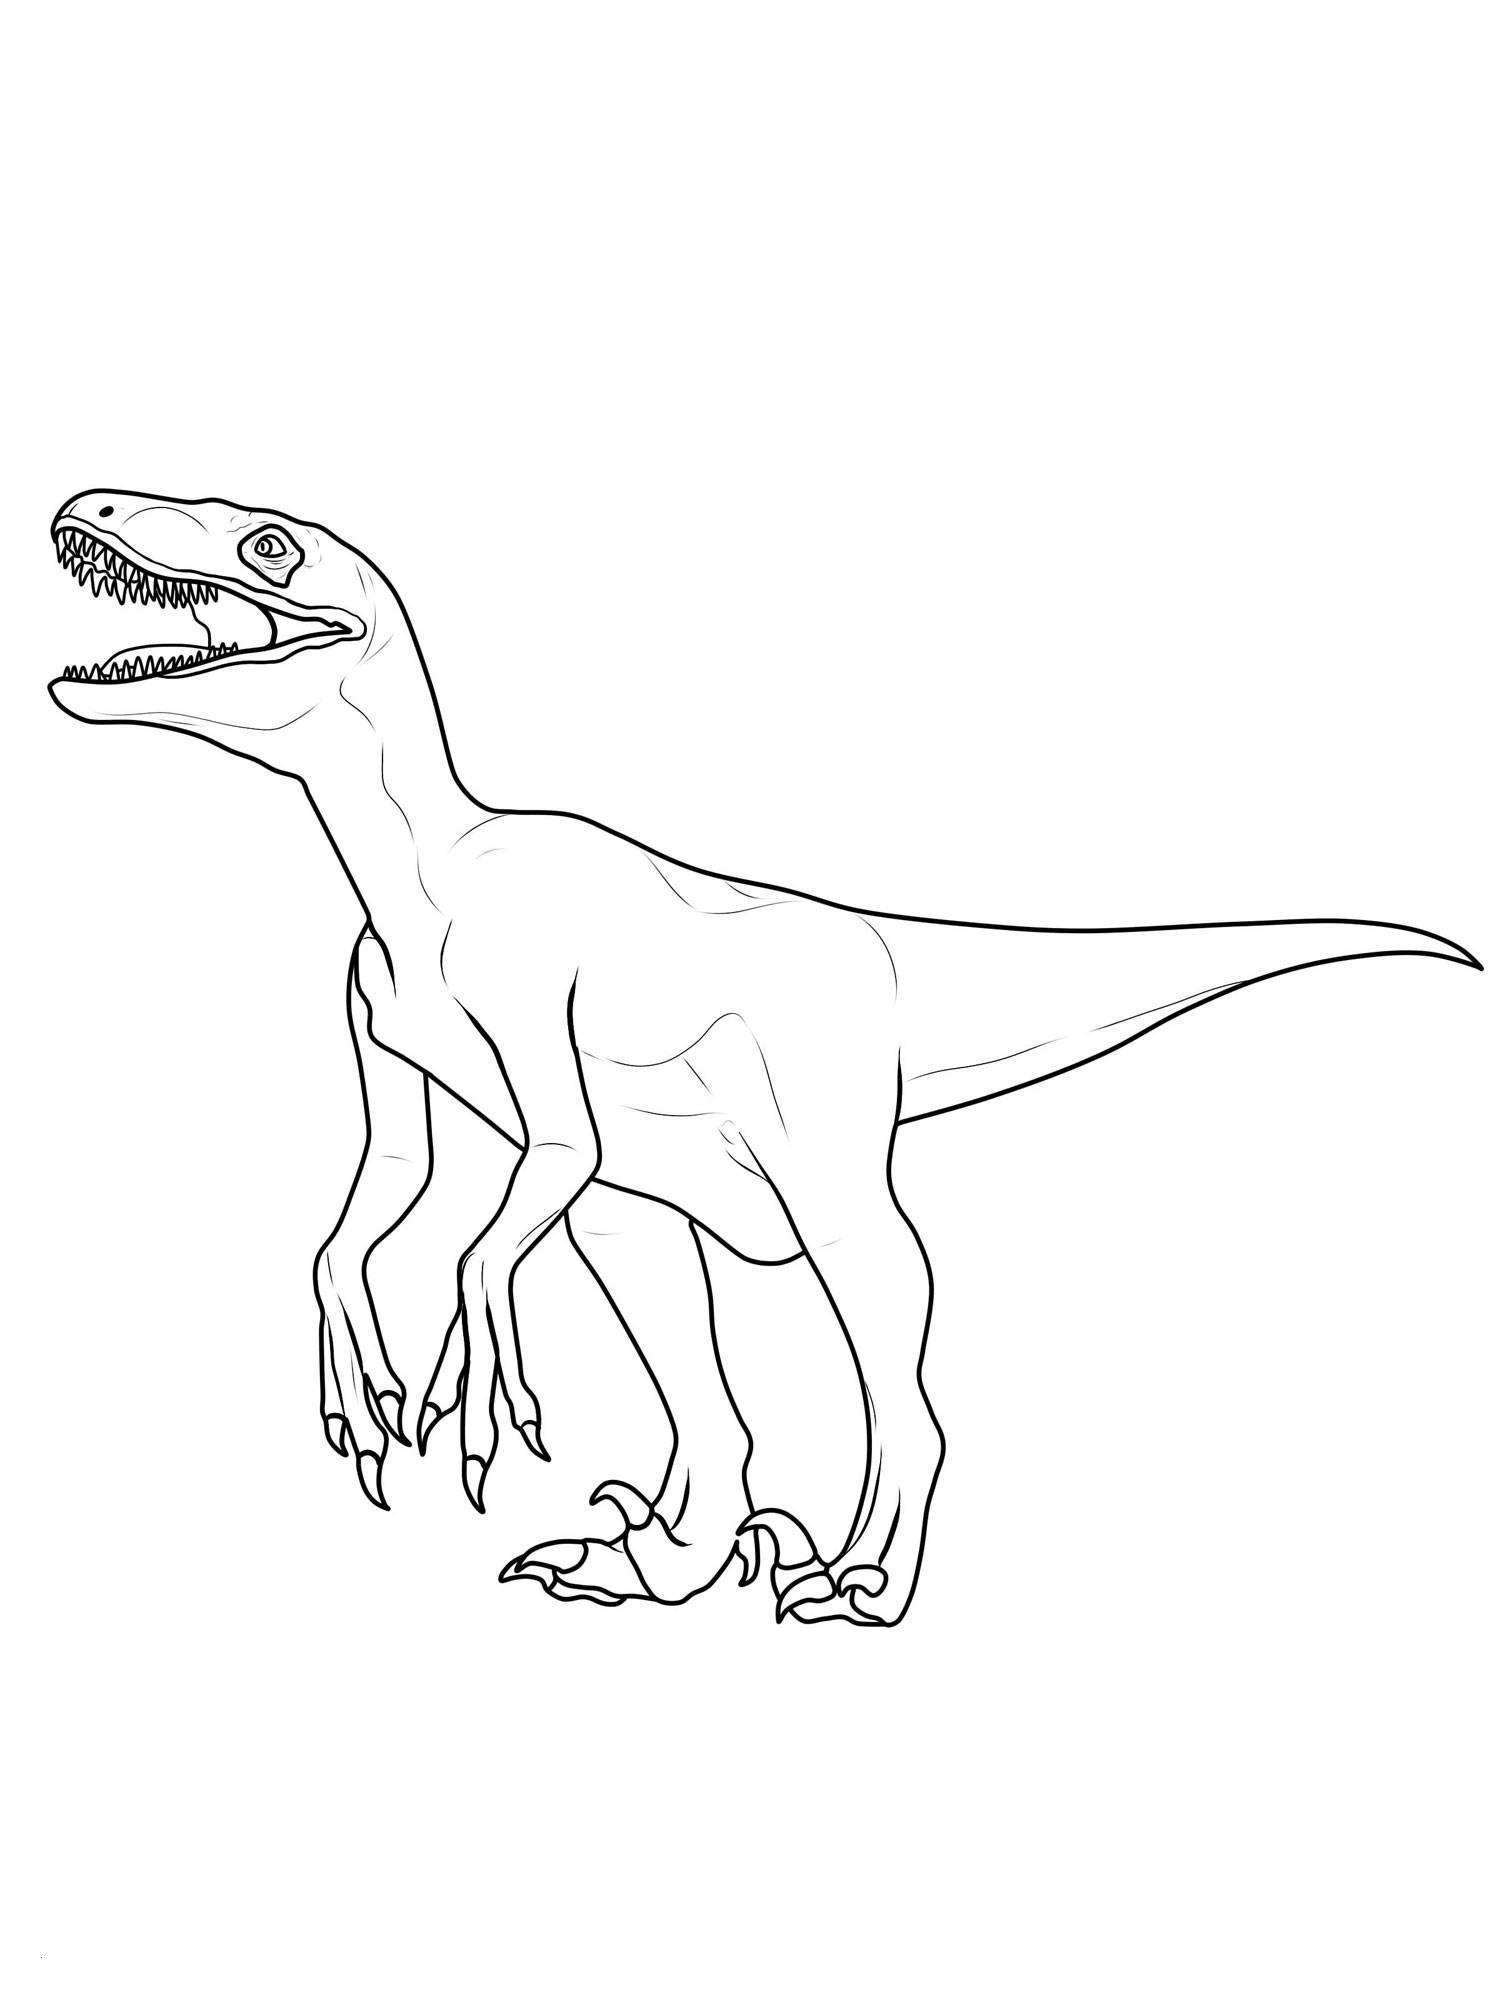 Steinzeit Bilder Zum Ausdrucken Genial Ausmalbilder Dinosaurier Kostenlos Inspirierend 35 Ostern Fotografieren